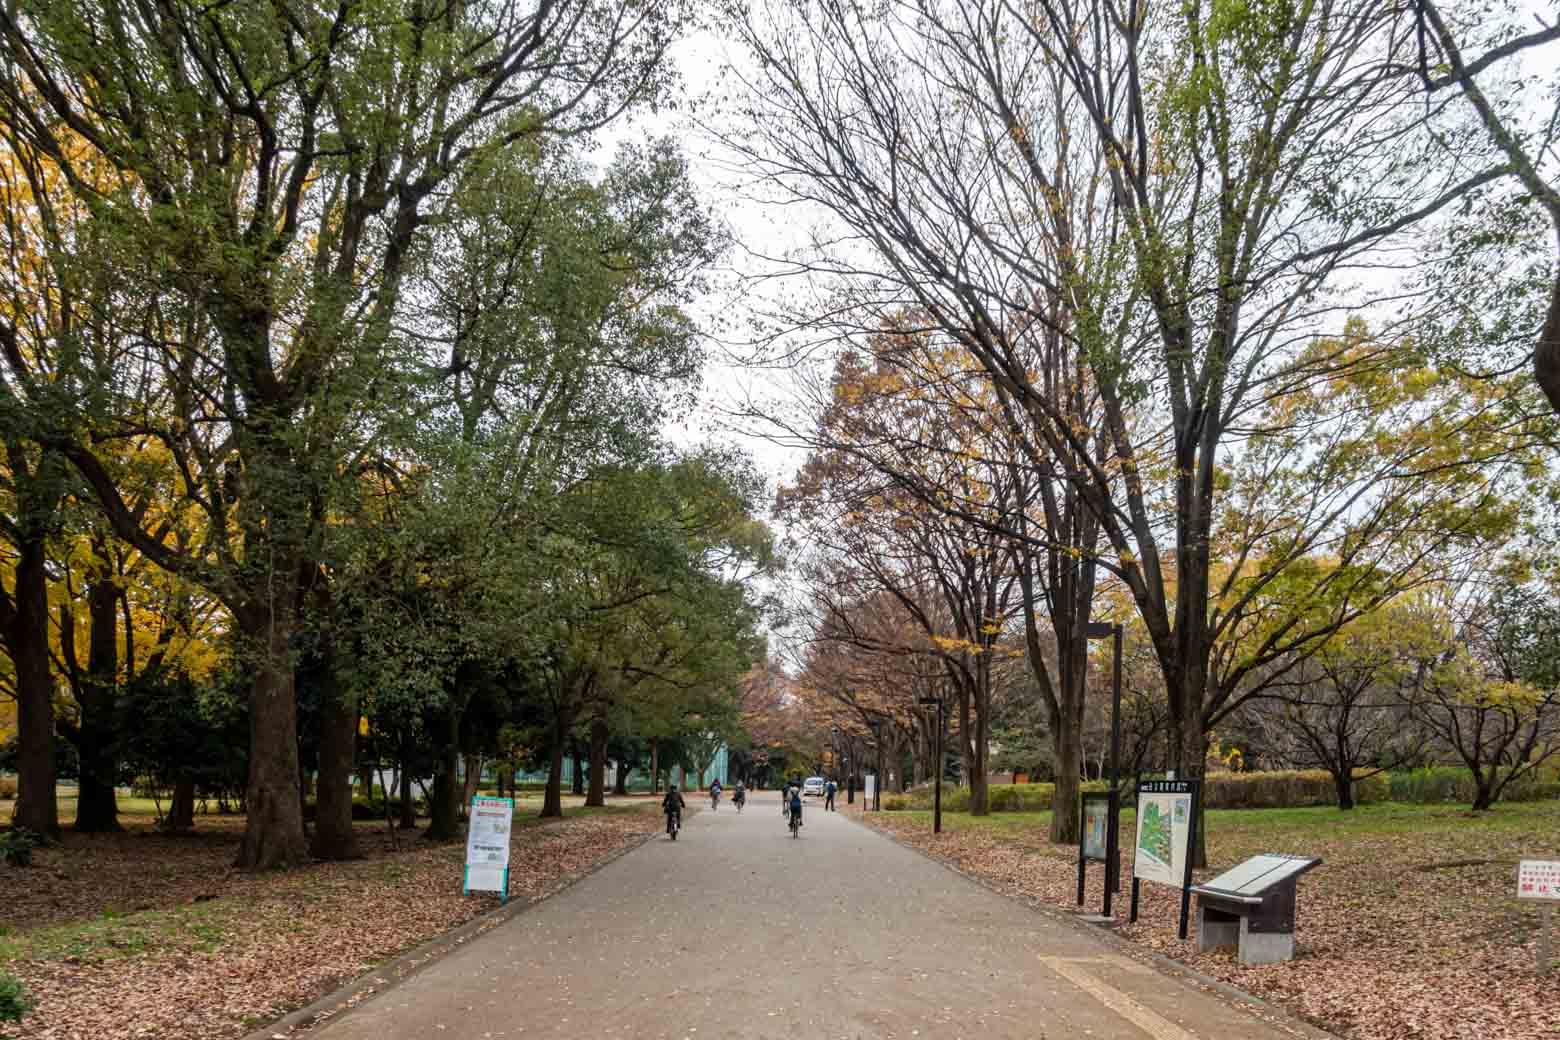 砧公園に到着! 空気が清々しいですねえ。桜の名所としても知られていて、シーズンになると多数の花見客で賑わうそうですよ。